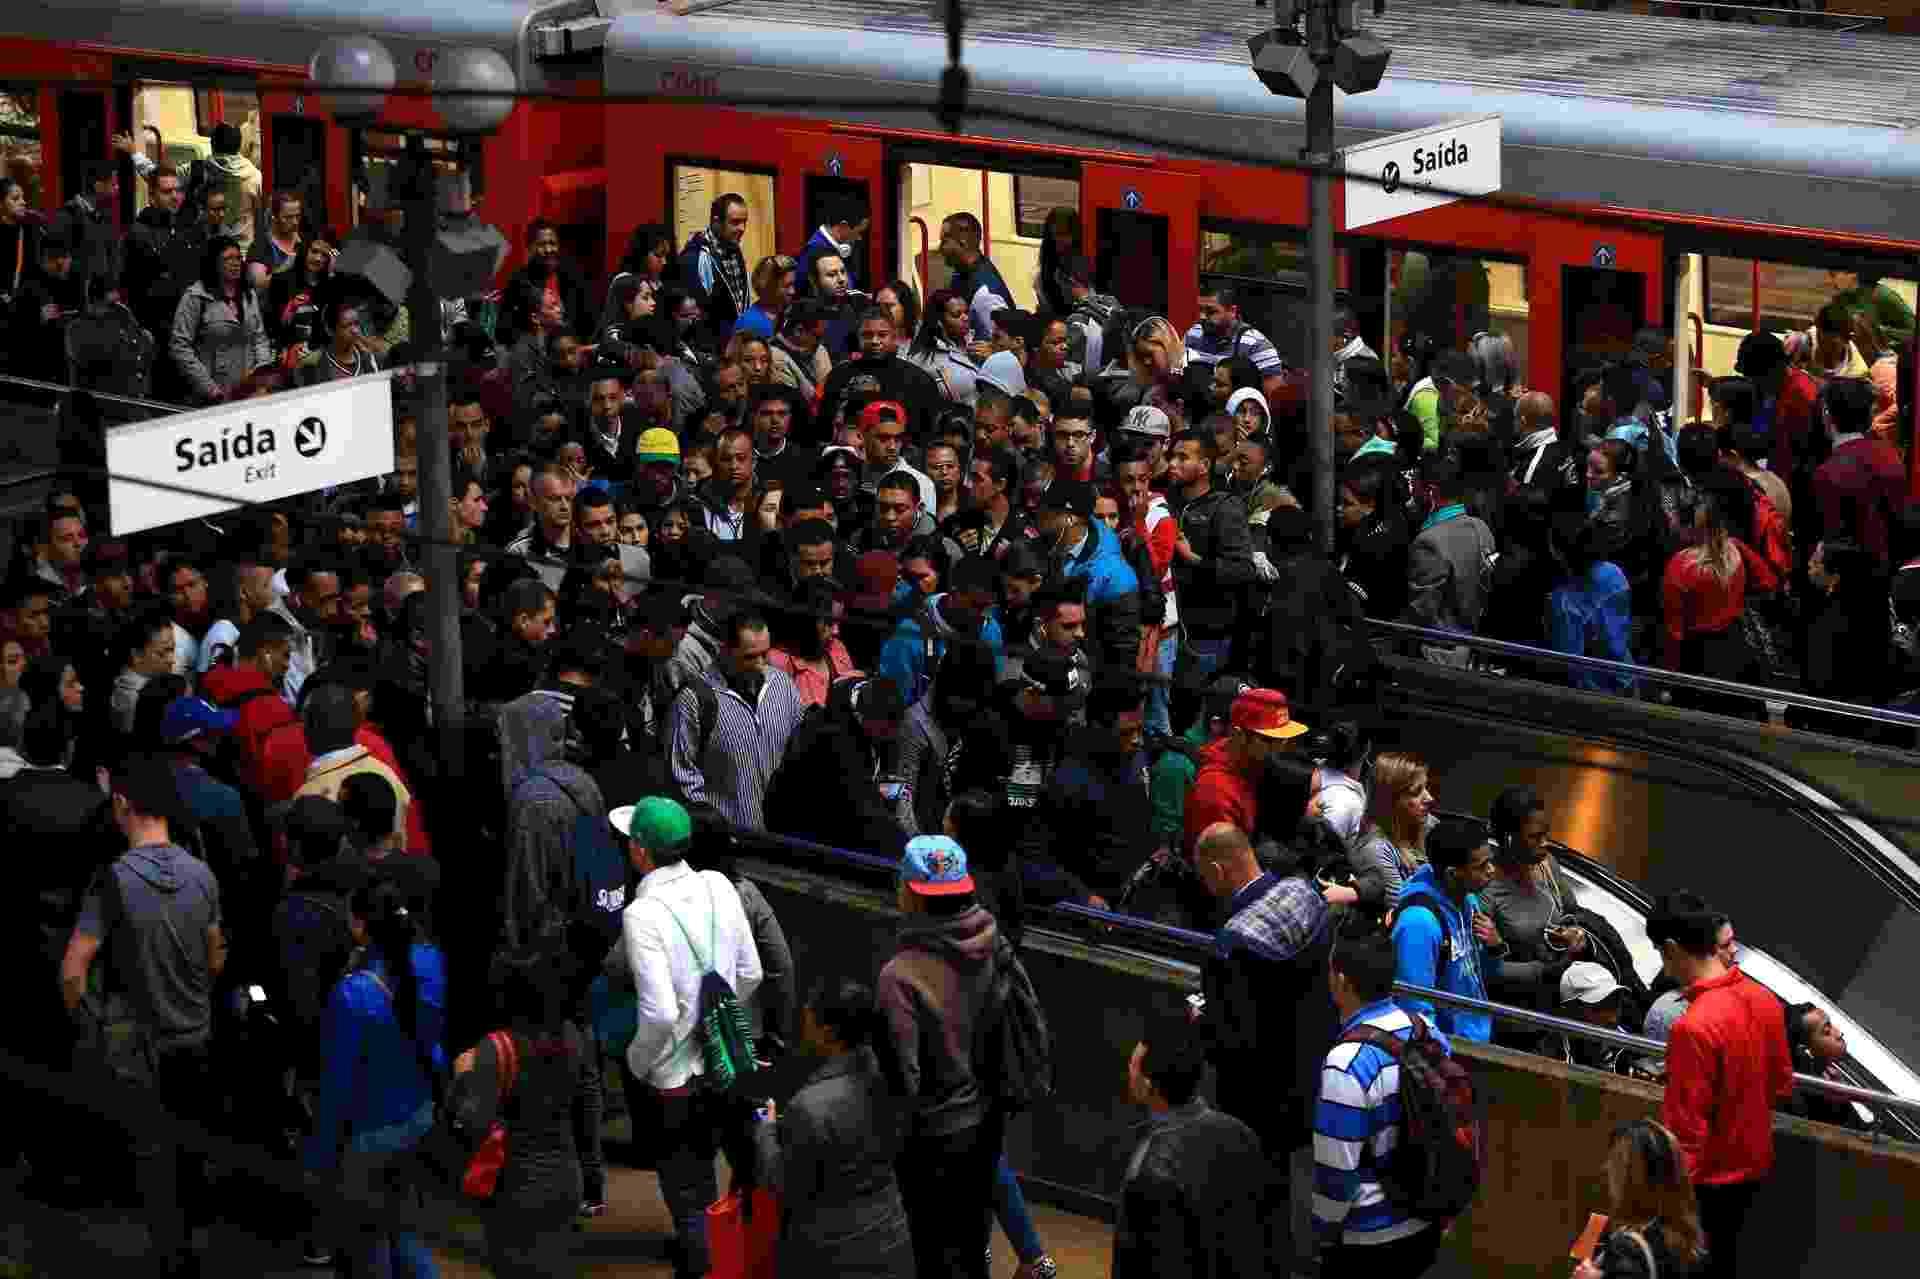 3.jun.2015 - Estação Luz da CPTM (Companhia Paulista de Trens Metropolitanos) funciona parcialmente na manhã desta quarta- feira em São Paulo. Os funcionários da CPTM decidiram, em assembleia na noite anterior entrar em greve. Os trens das linhas 7-Rubi (Luz-Jundiaí), 10-Turquesa (Brás-Rio Grande da Serra), 11-Coral (Luz-Estudantes, em Mogi das Cruzes) e 12-Safira (Brás-Calmon Viana) não circulam desde a meia-noite. Apenas as Linhas 8-Diamante e 9-Esmeralda devem funcionar normalmente - Hélvio Romero/Estadão Conteúdo